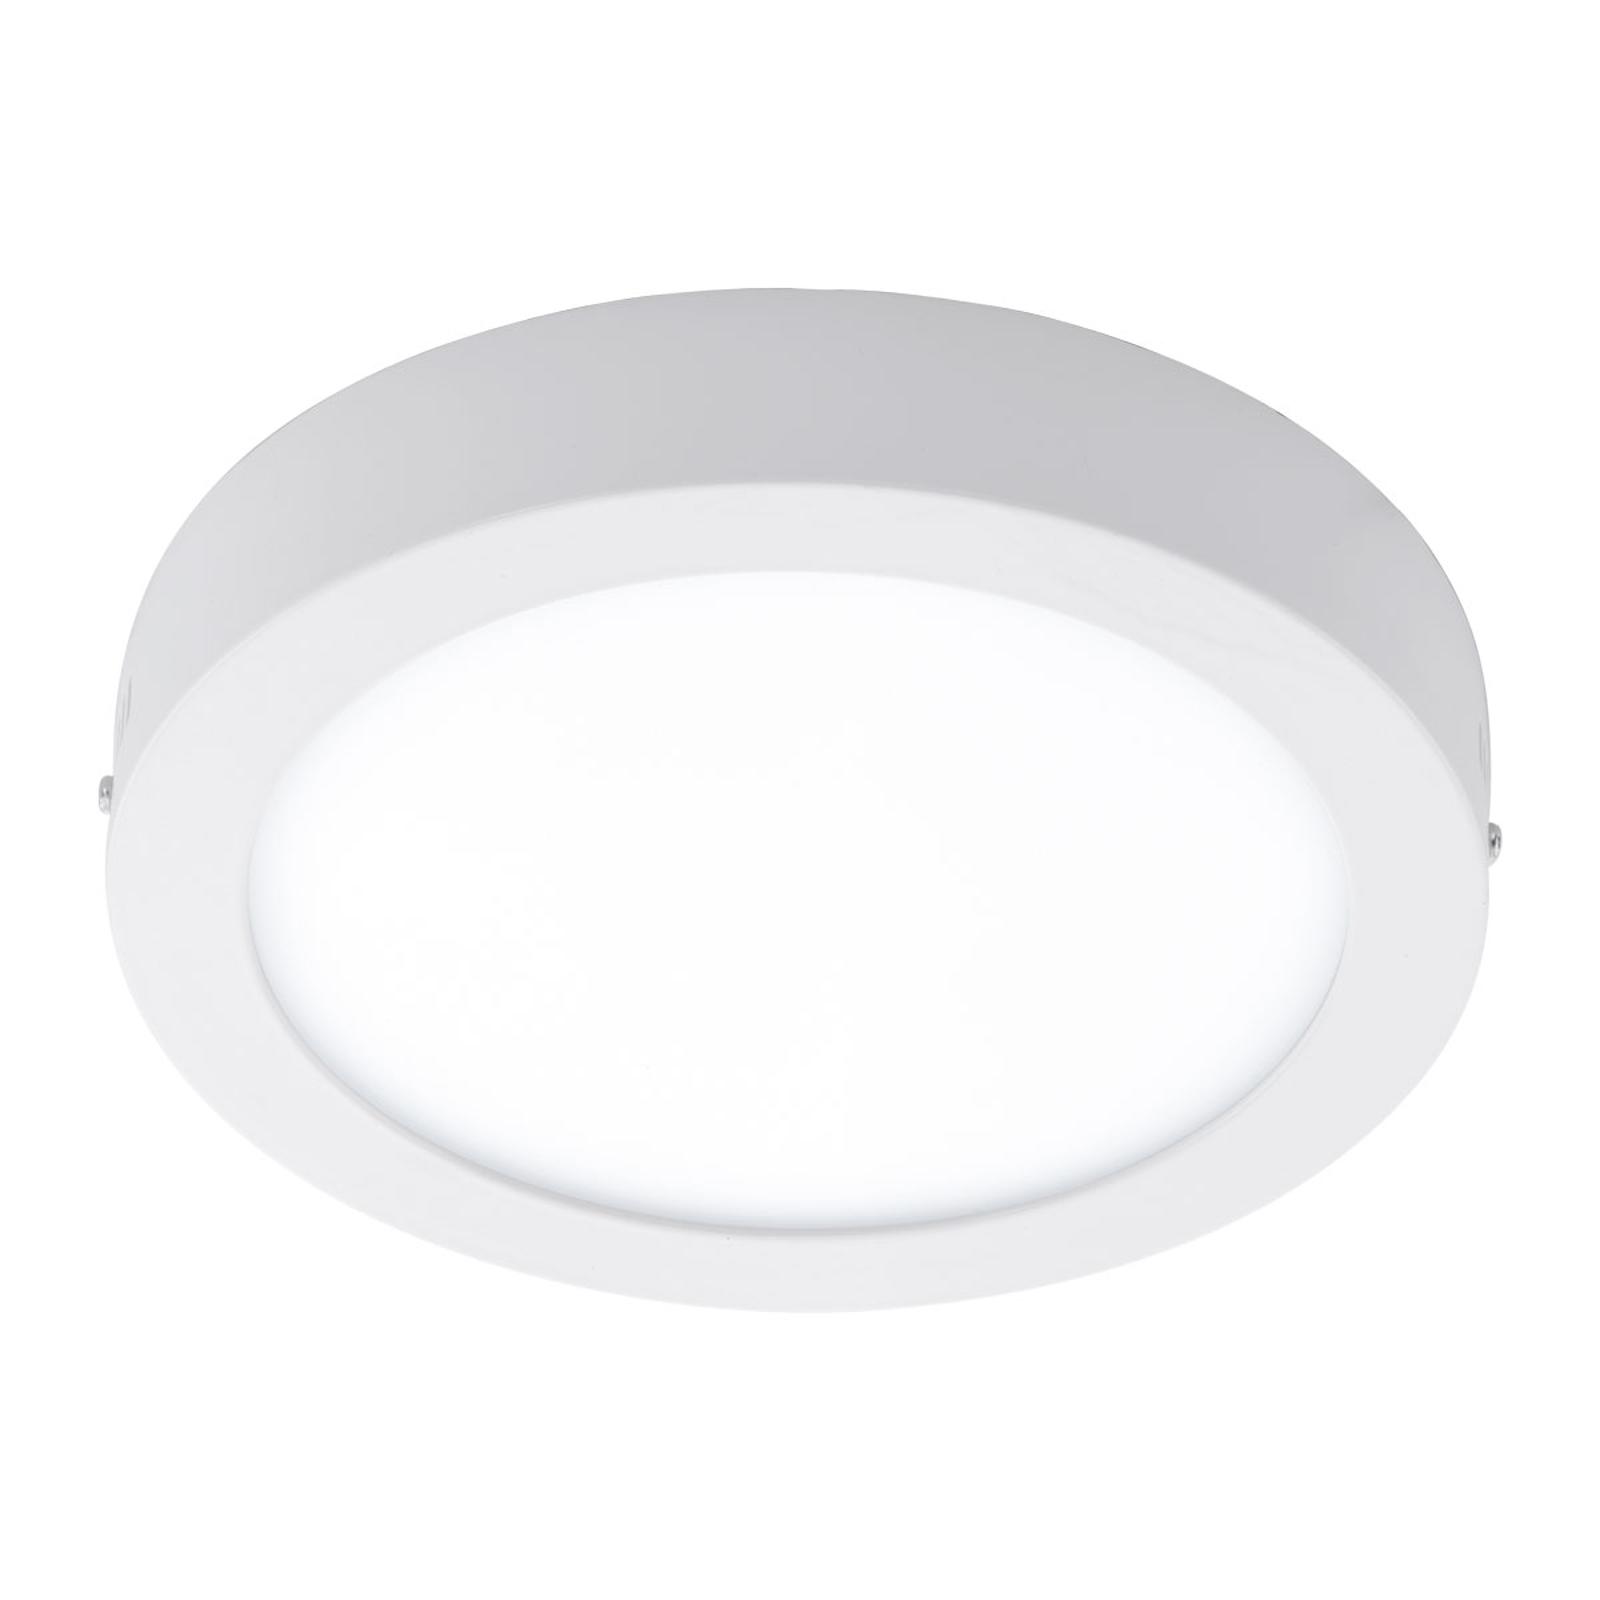 EGLO connect Argolis-C lampada rotonda bianca